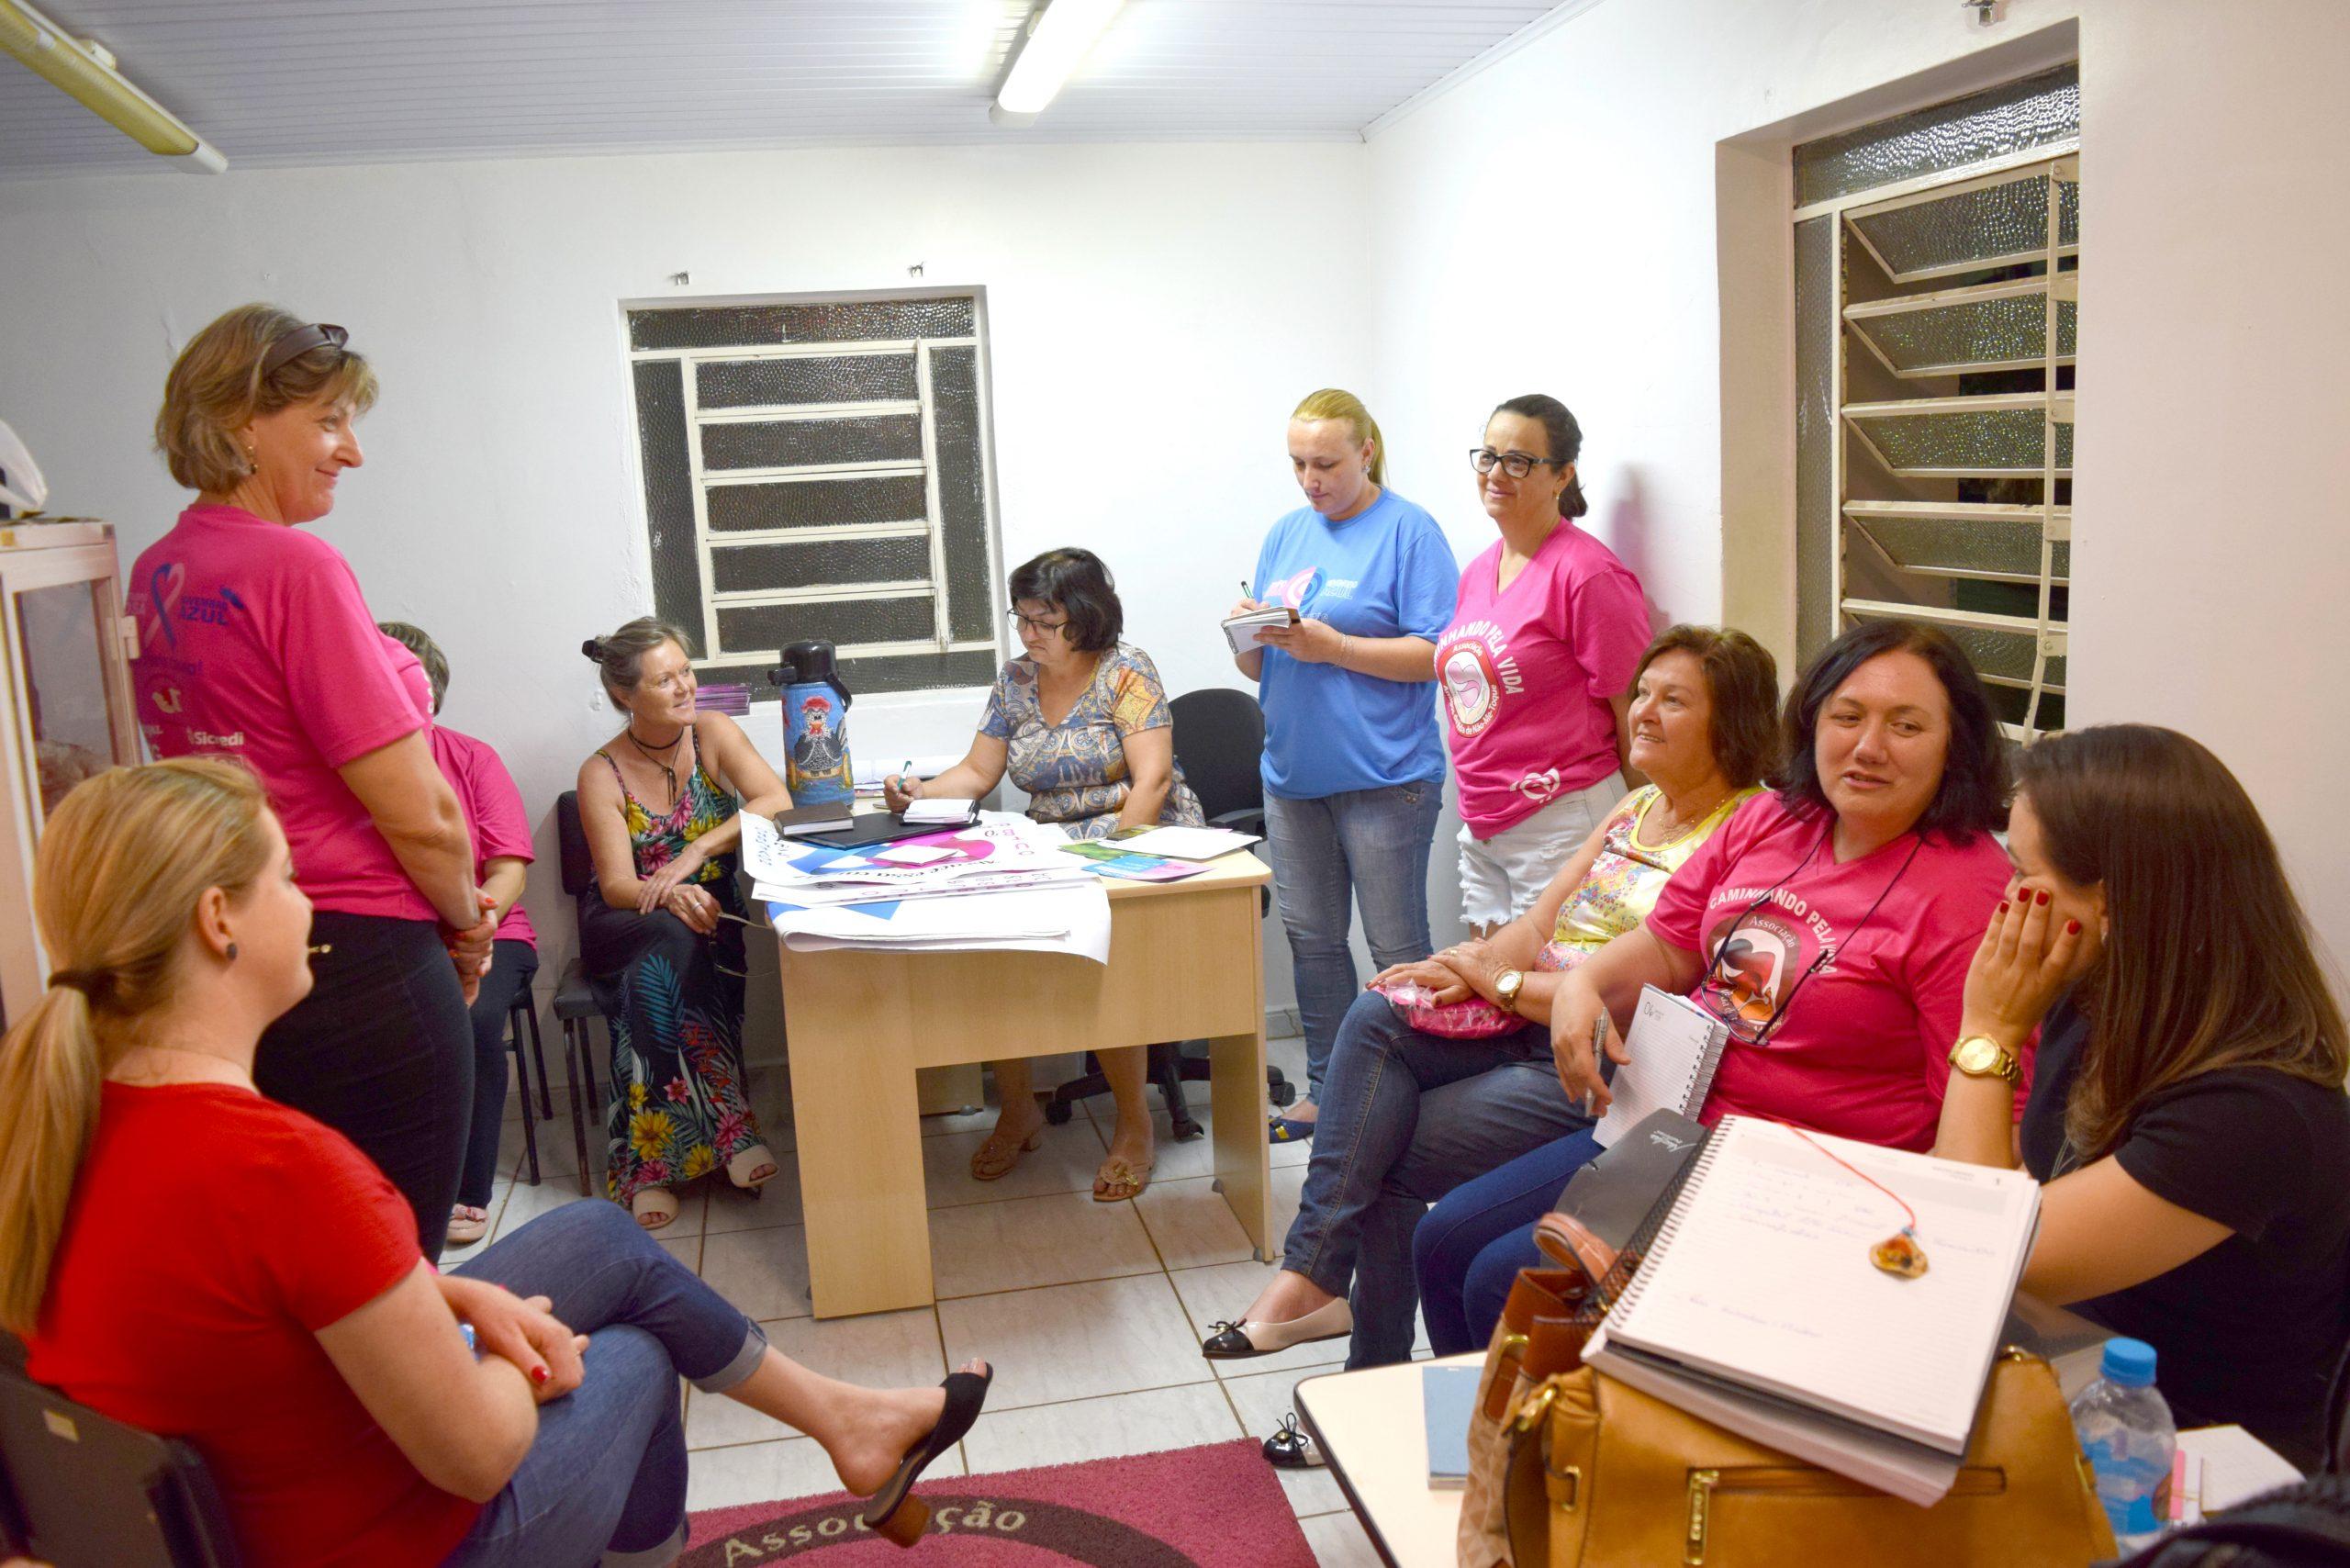 Associação Amigos da Vida muda local de atendimento